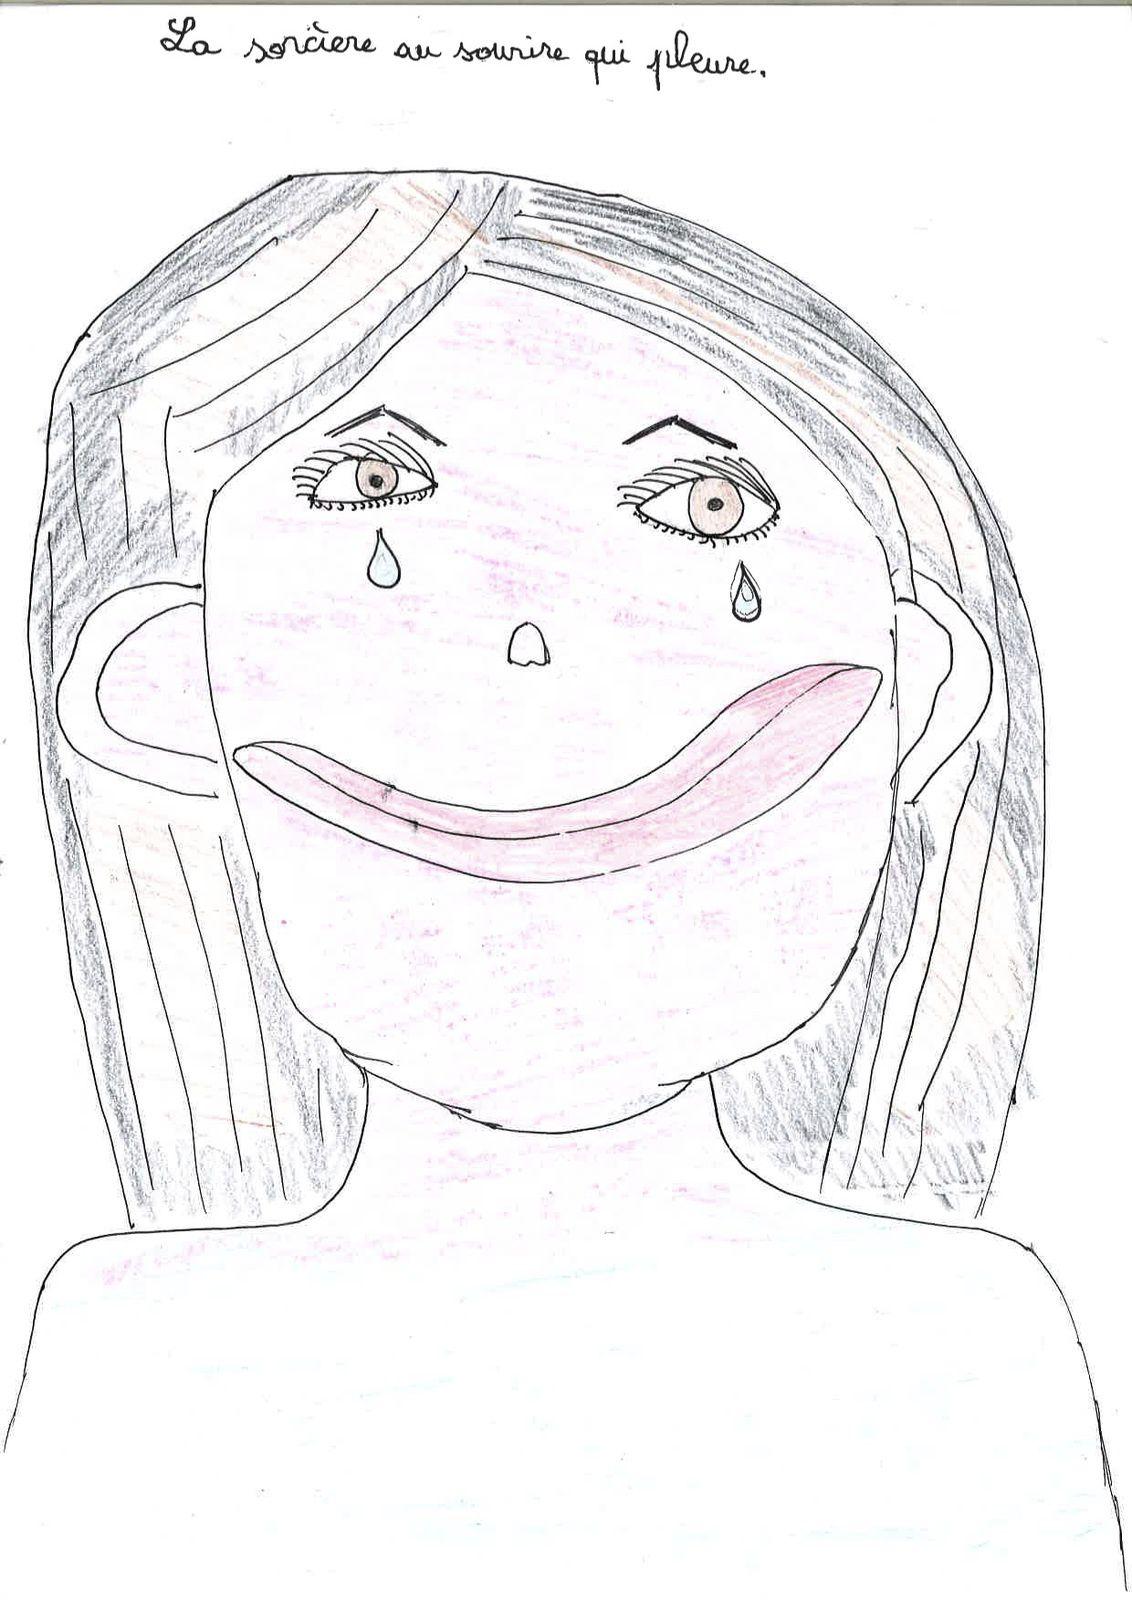 La sorcière au sourire qui pleure